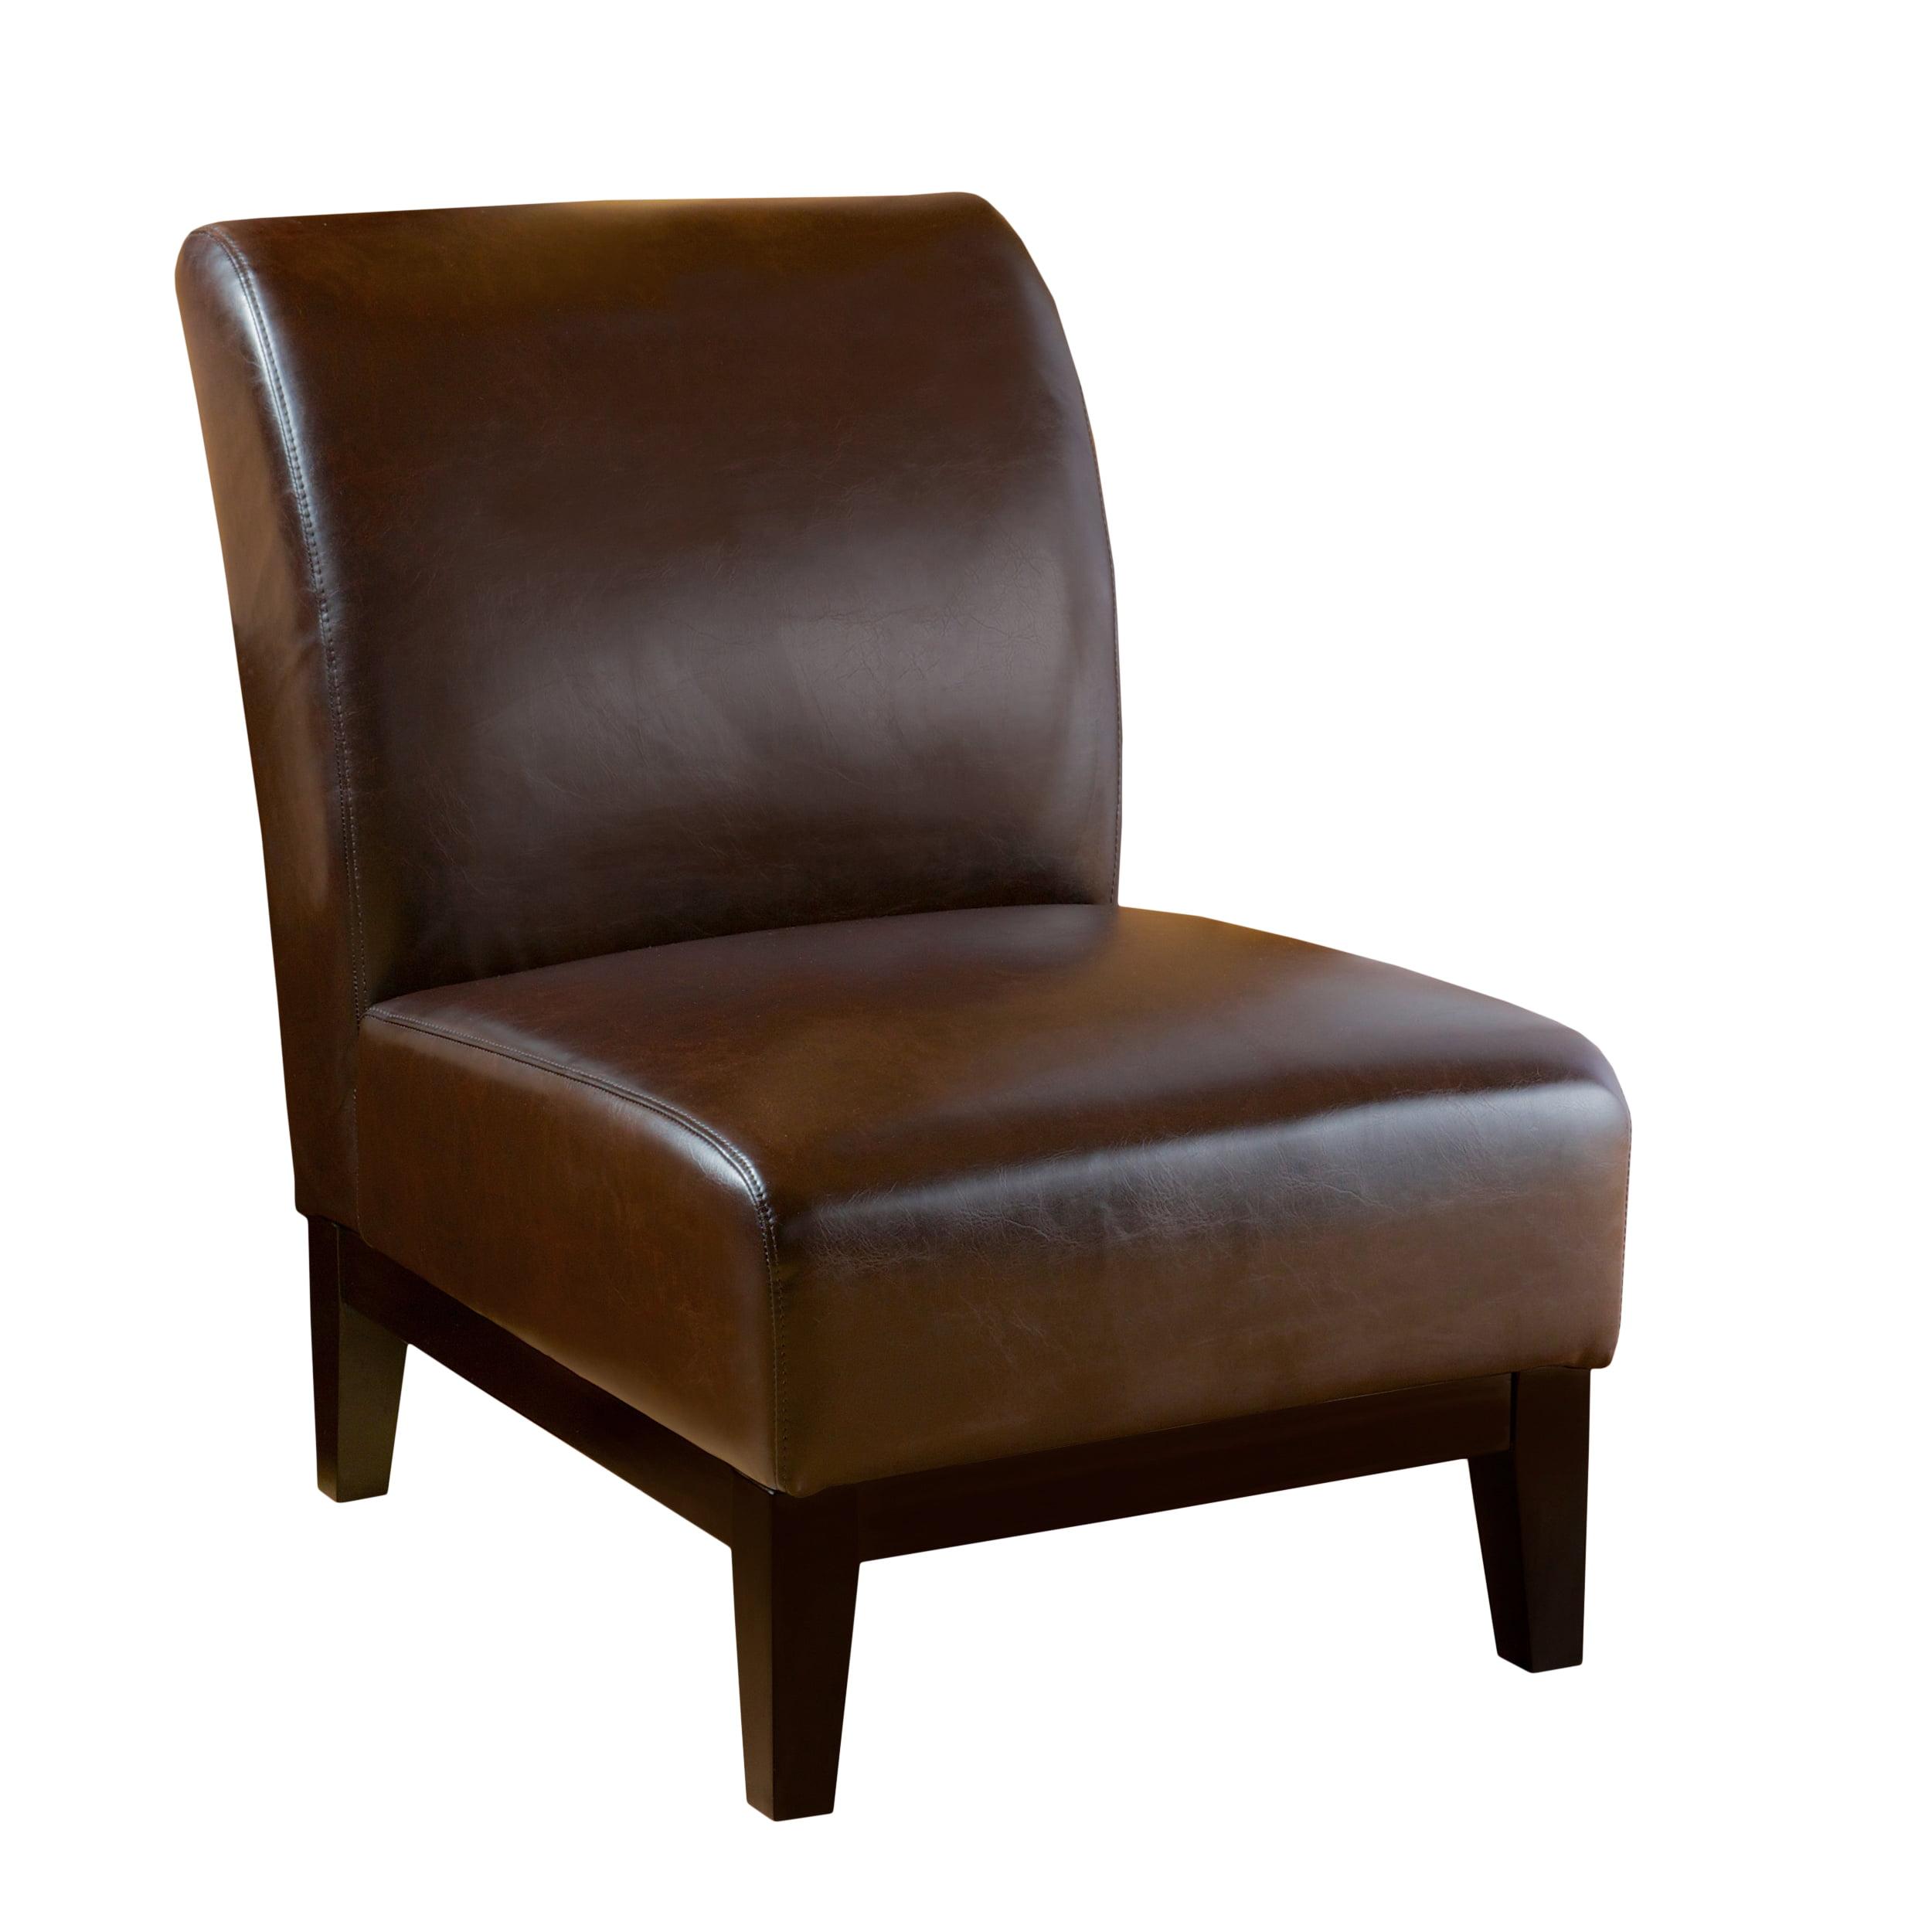 Dakota Brown Bonded Leather Slipper Chair